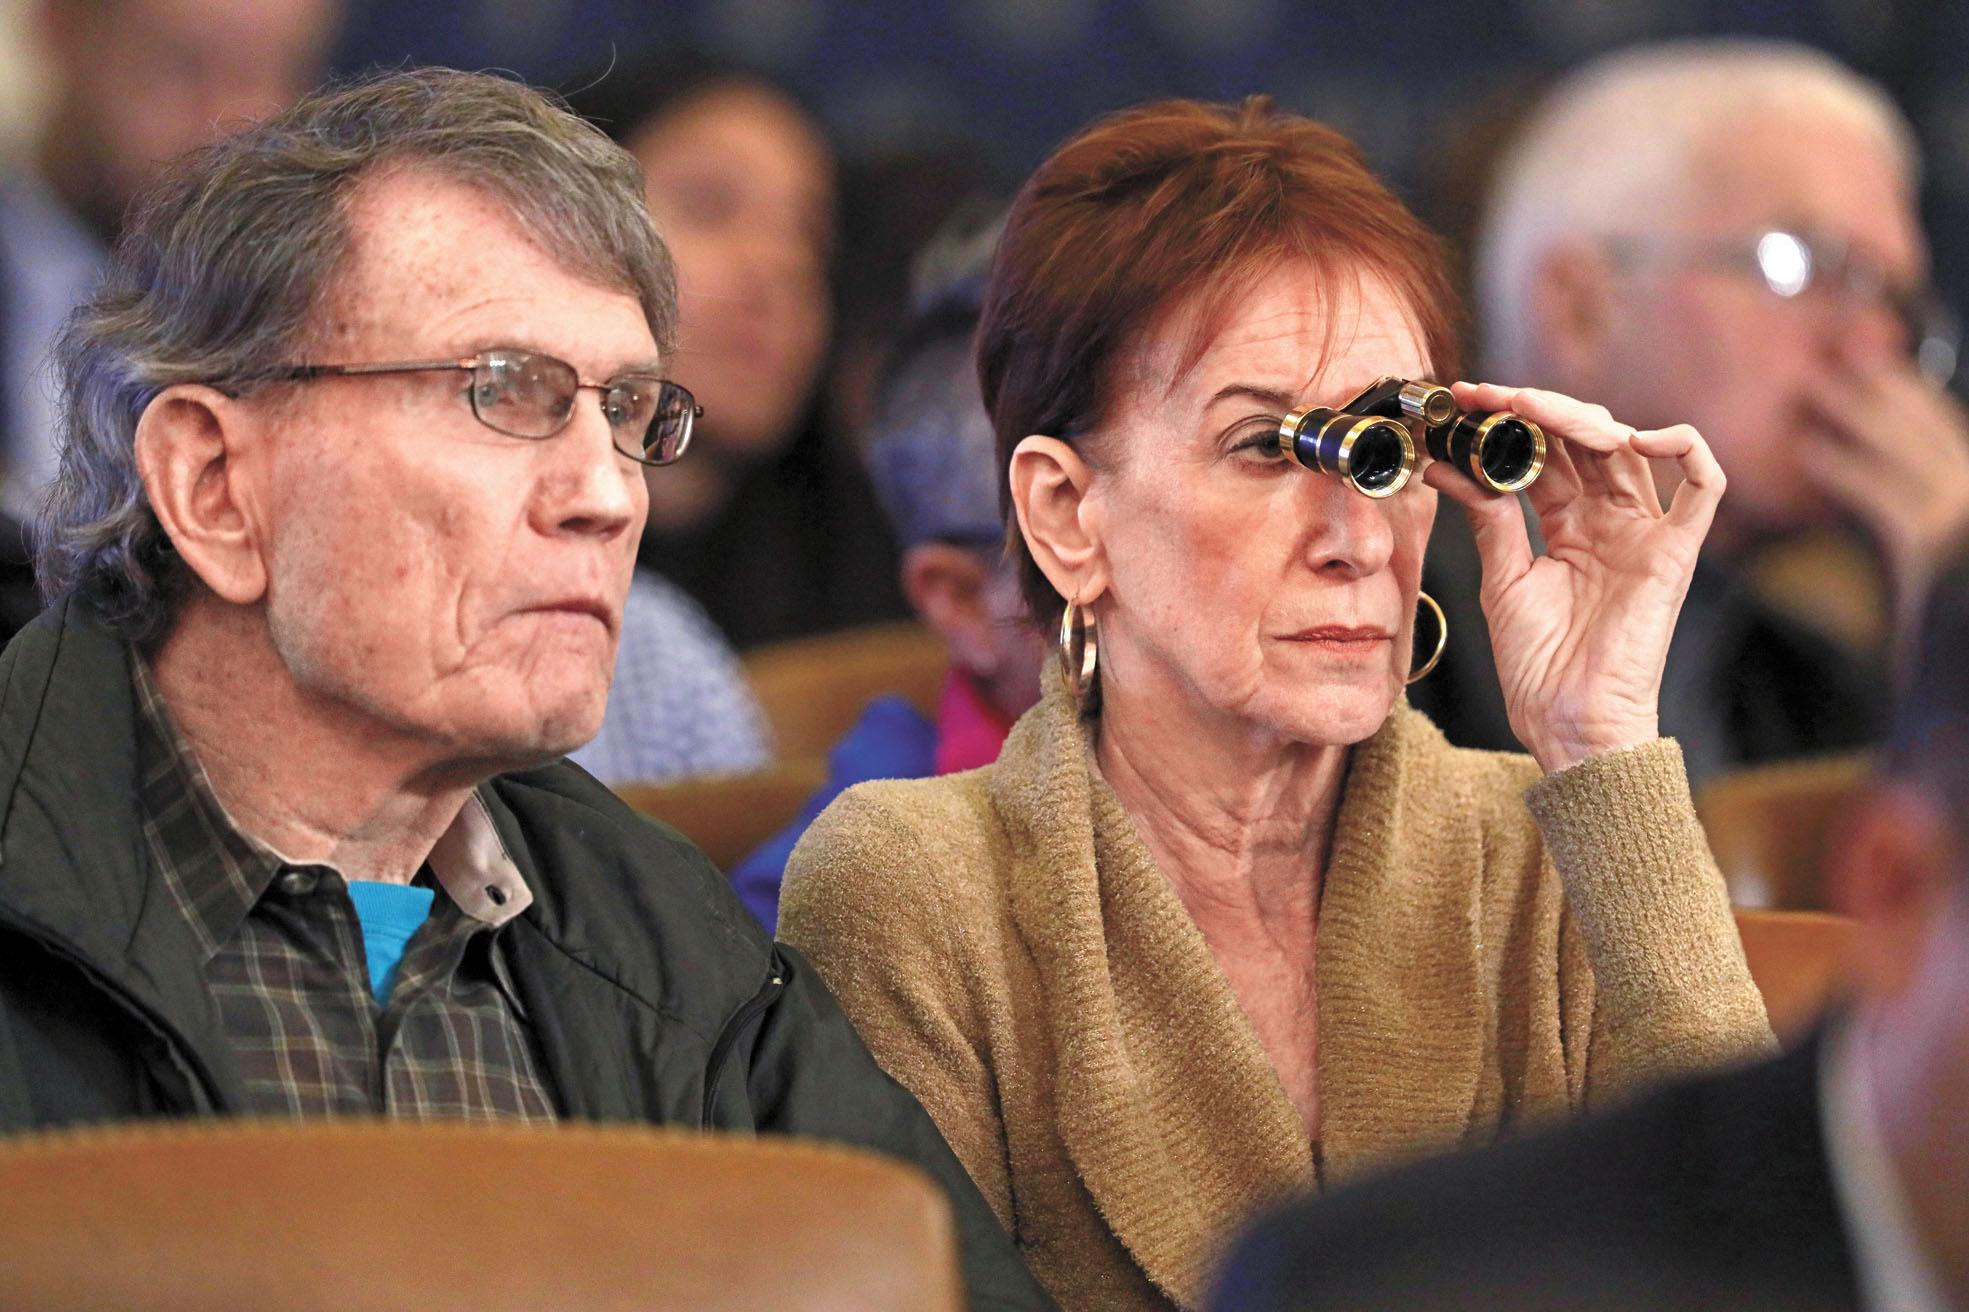 司法委員會4日舉行的聽證會上,有觀眾戴望遠鏡。法新社